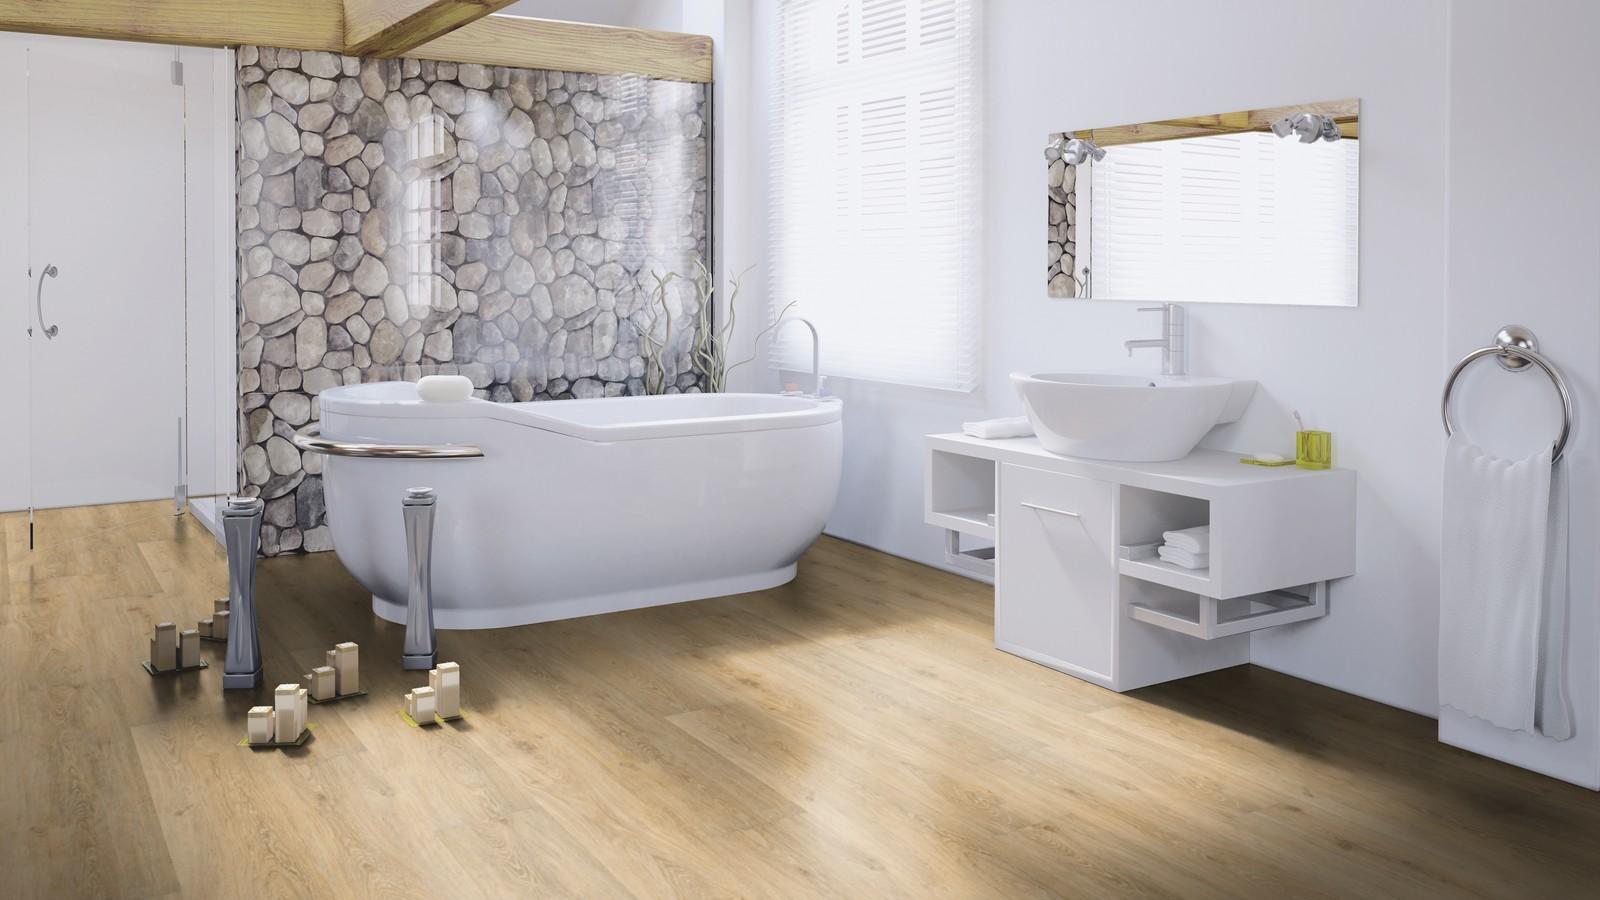 Bodenbelag Ideen Für Badezimmer Bodenbelag Marktplatz - Klick fliesen fürs bad